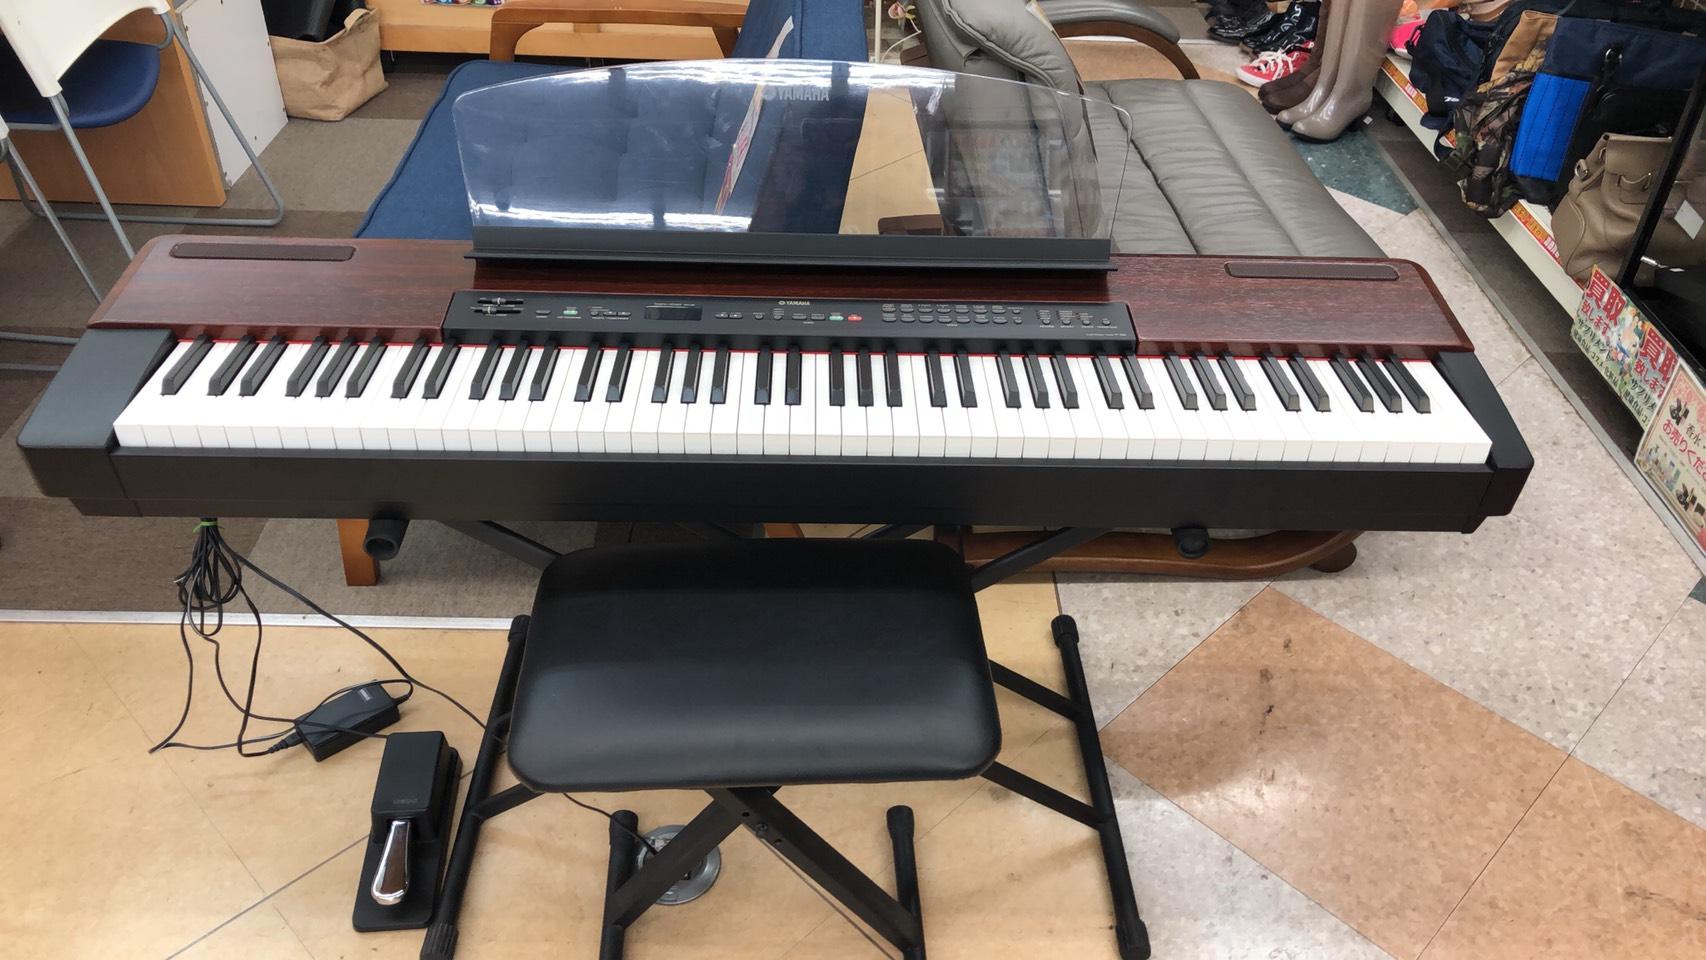 【YAMAHA(ヤマハ / 電子ピアノ)/ P-120 / 2001年】買取させて頂きました!の買取-